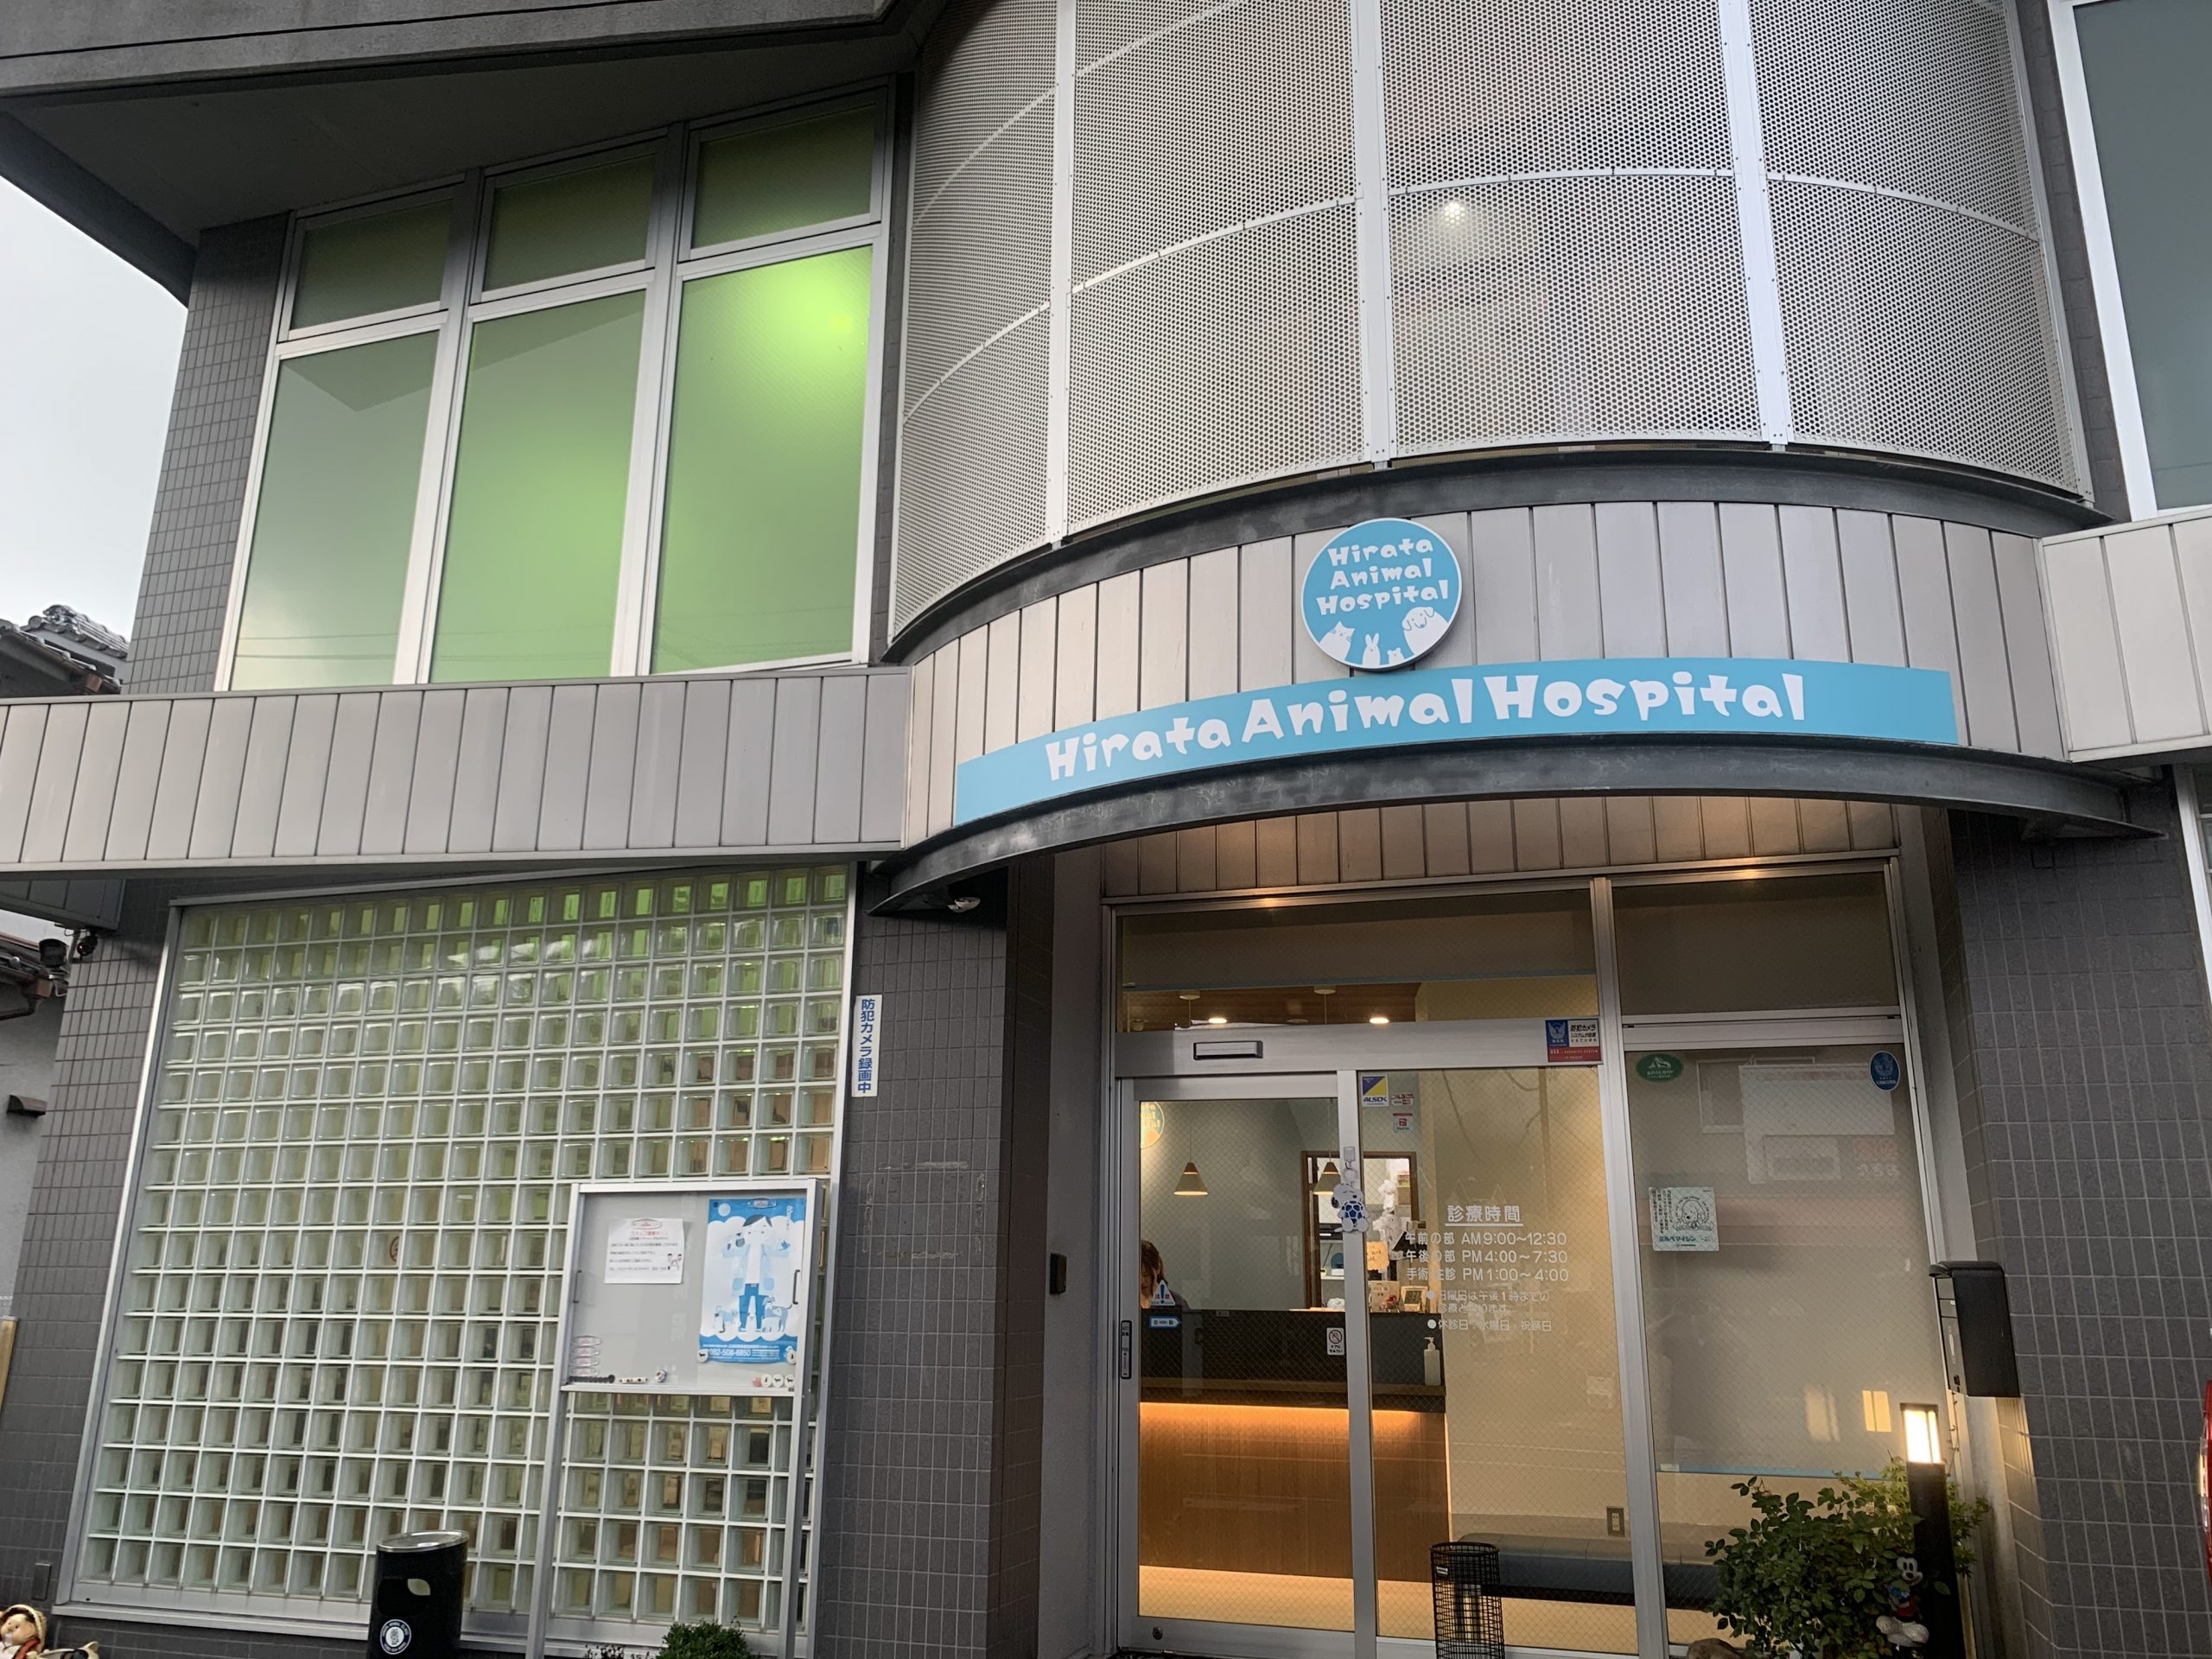 ひらた動物病院 広島